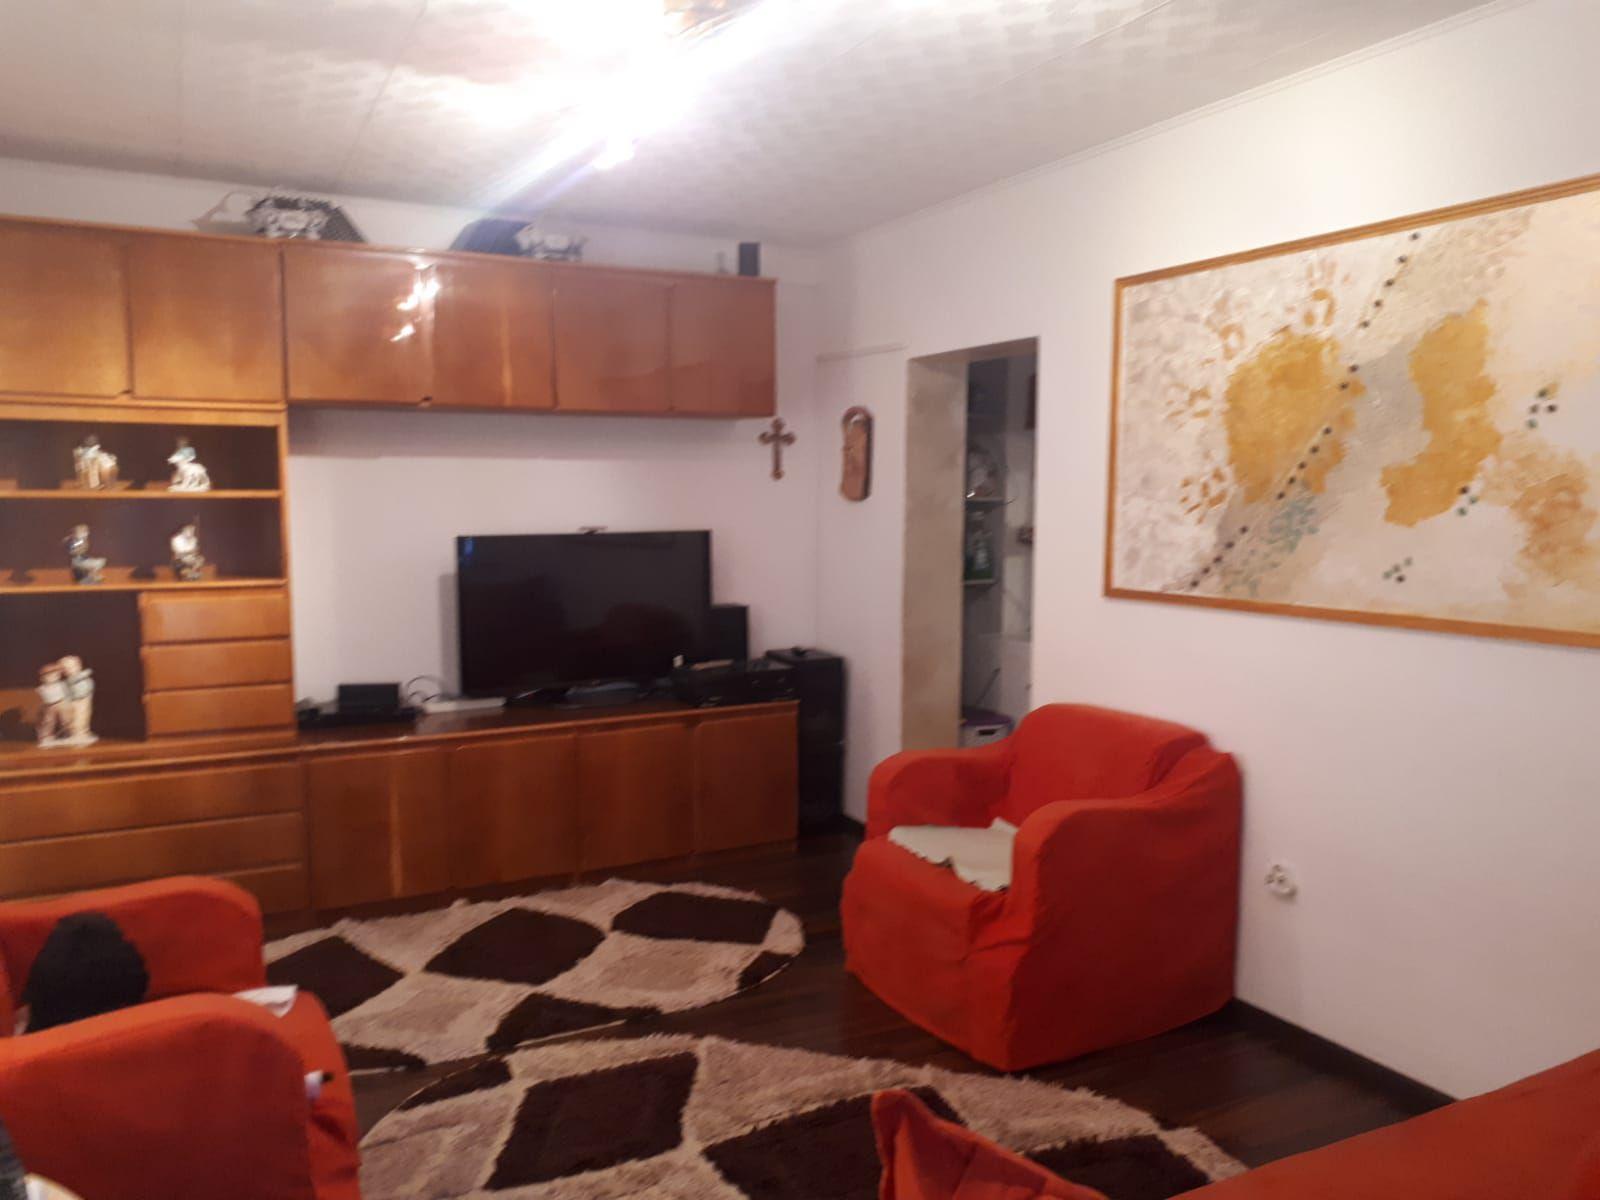 Vanzare Apartament 2 camere - TOMIS II, Constanta